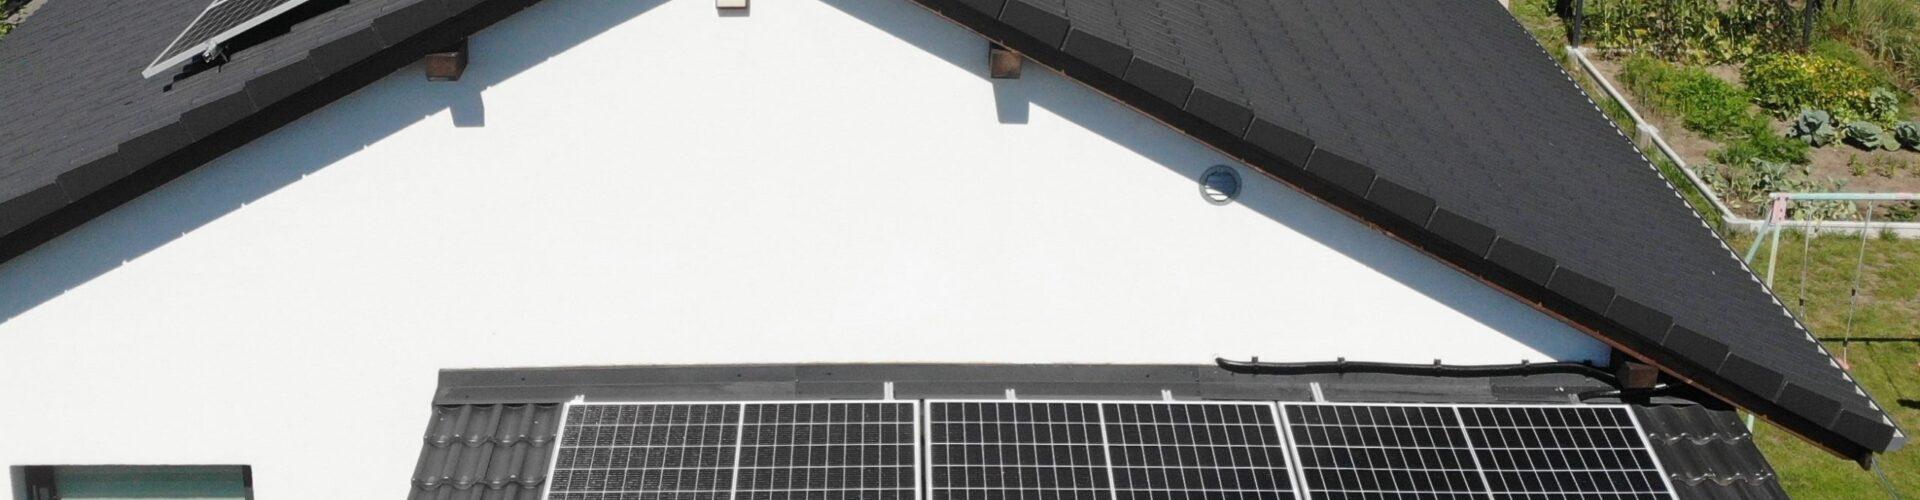 Imielin generator PV na 2 plaszczyznach dachu